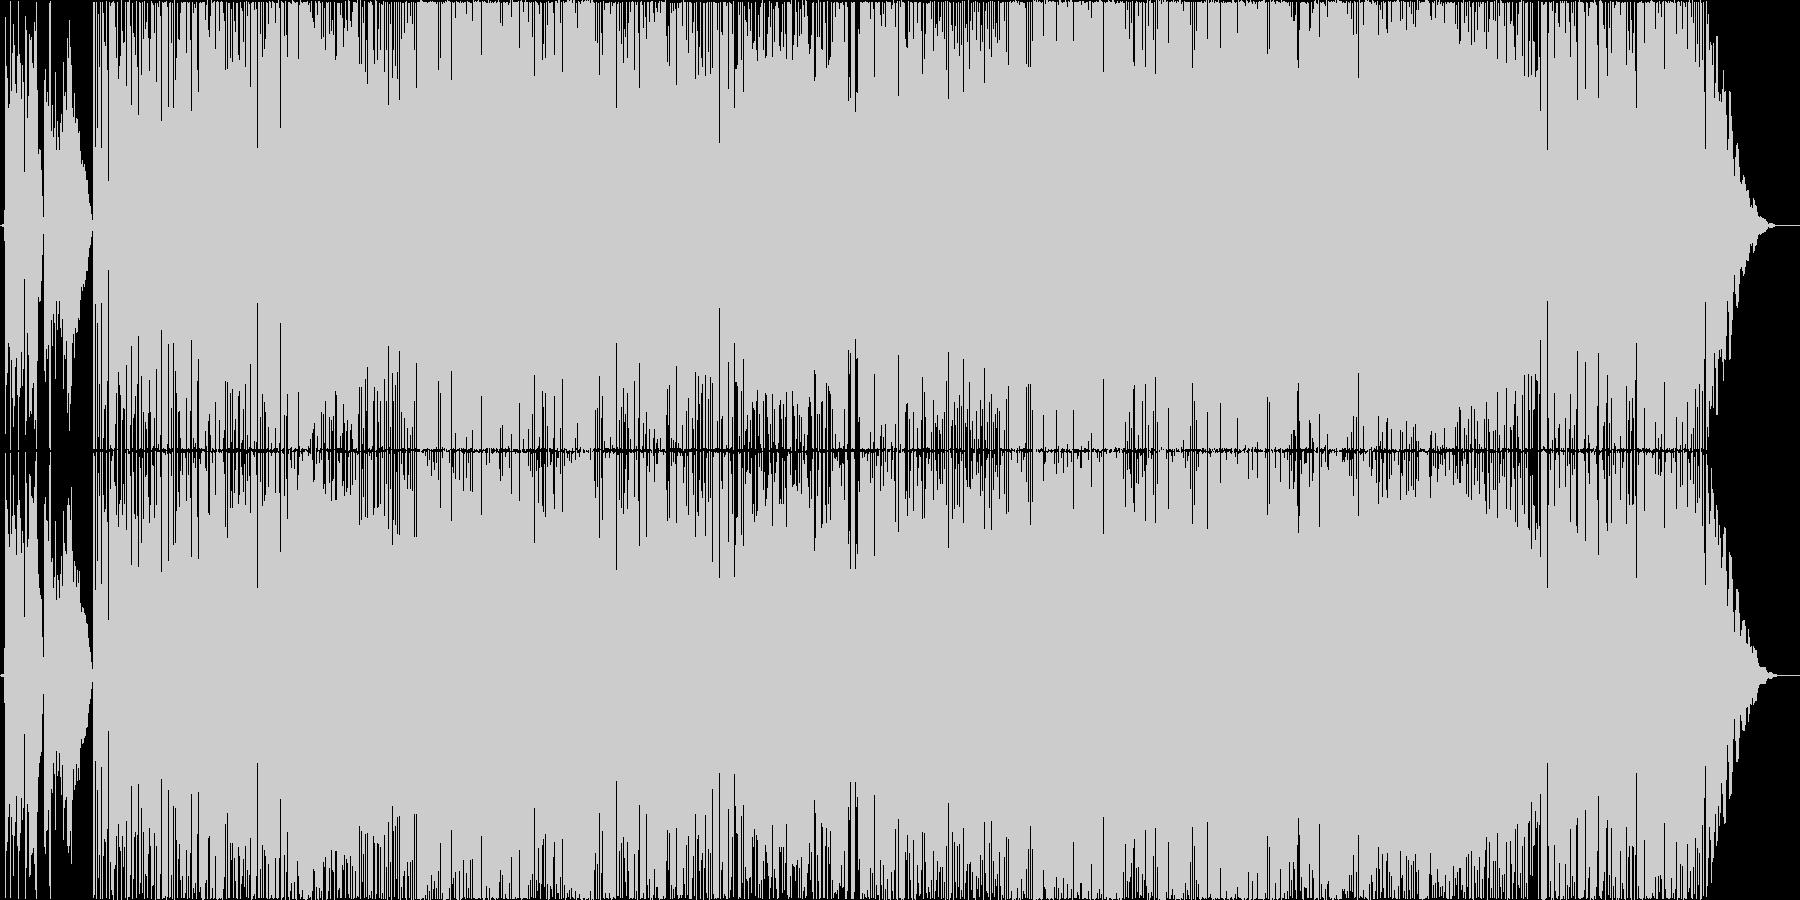 鮎の友釣りを題材にした夏の長閑なポップスの未再生の波形